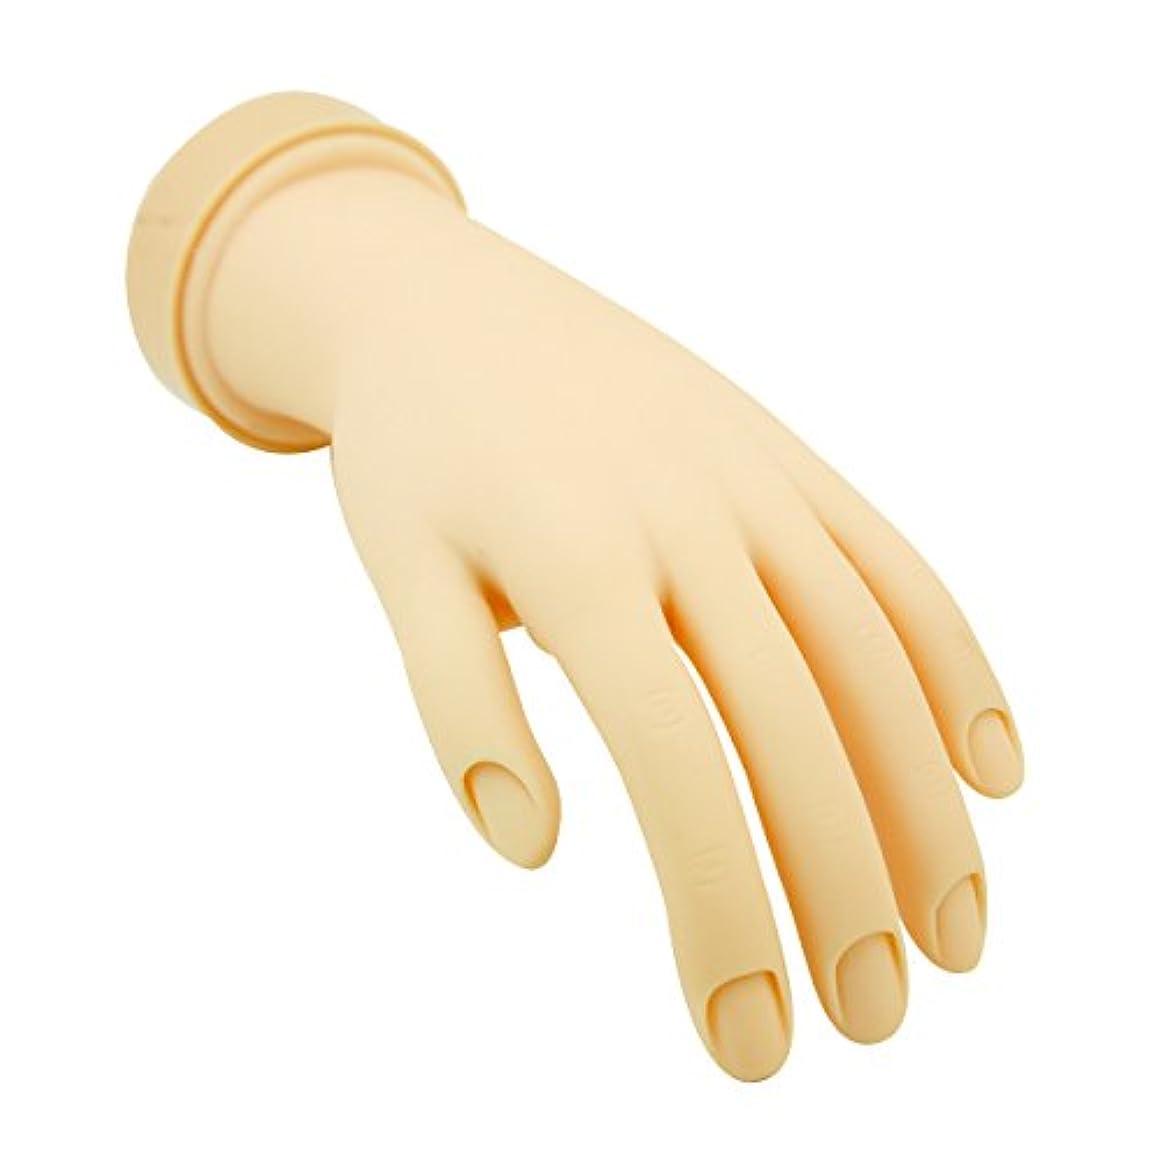 外科医作家情報トレーニングハンド (ネイル用) 左手 [ 練習用マネキン 手 指 ハンドマネキン マネキン 施術用 トレーニング ]